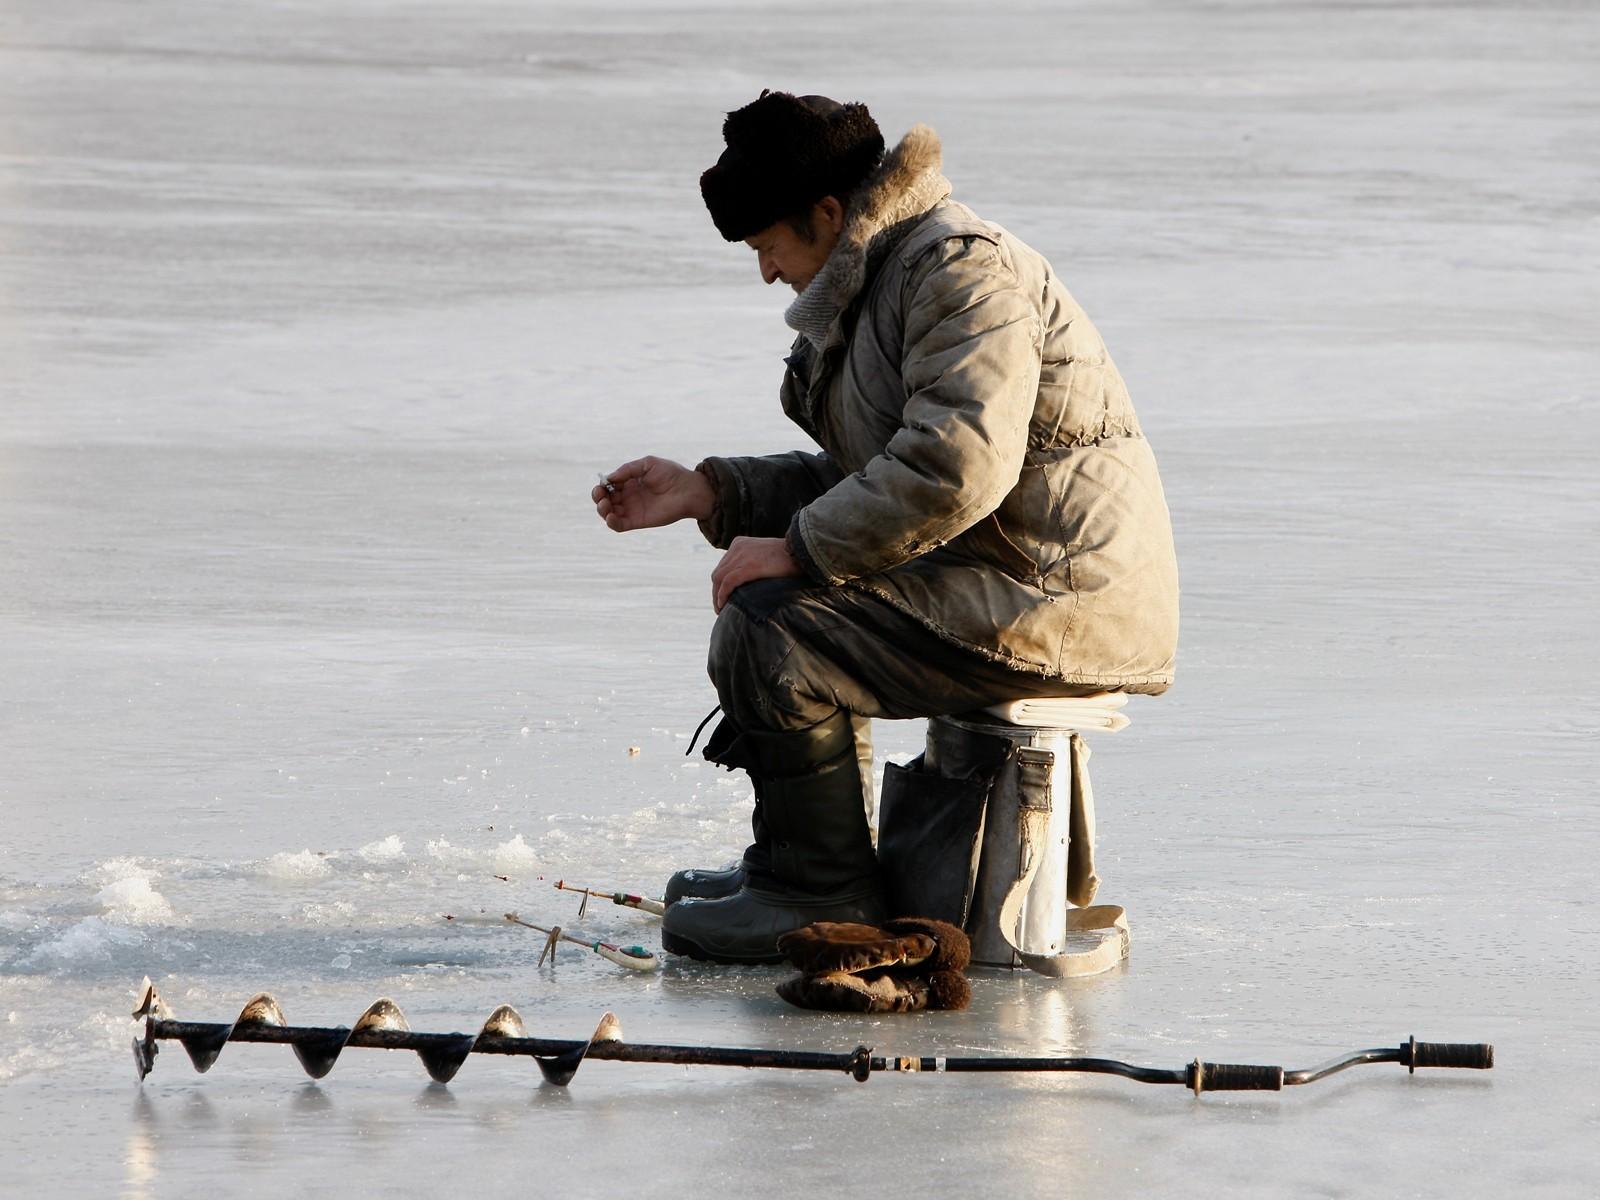 Cотрудники экстренных служб эвакуировали рыбака сольда водома